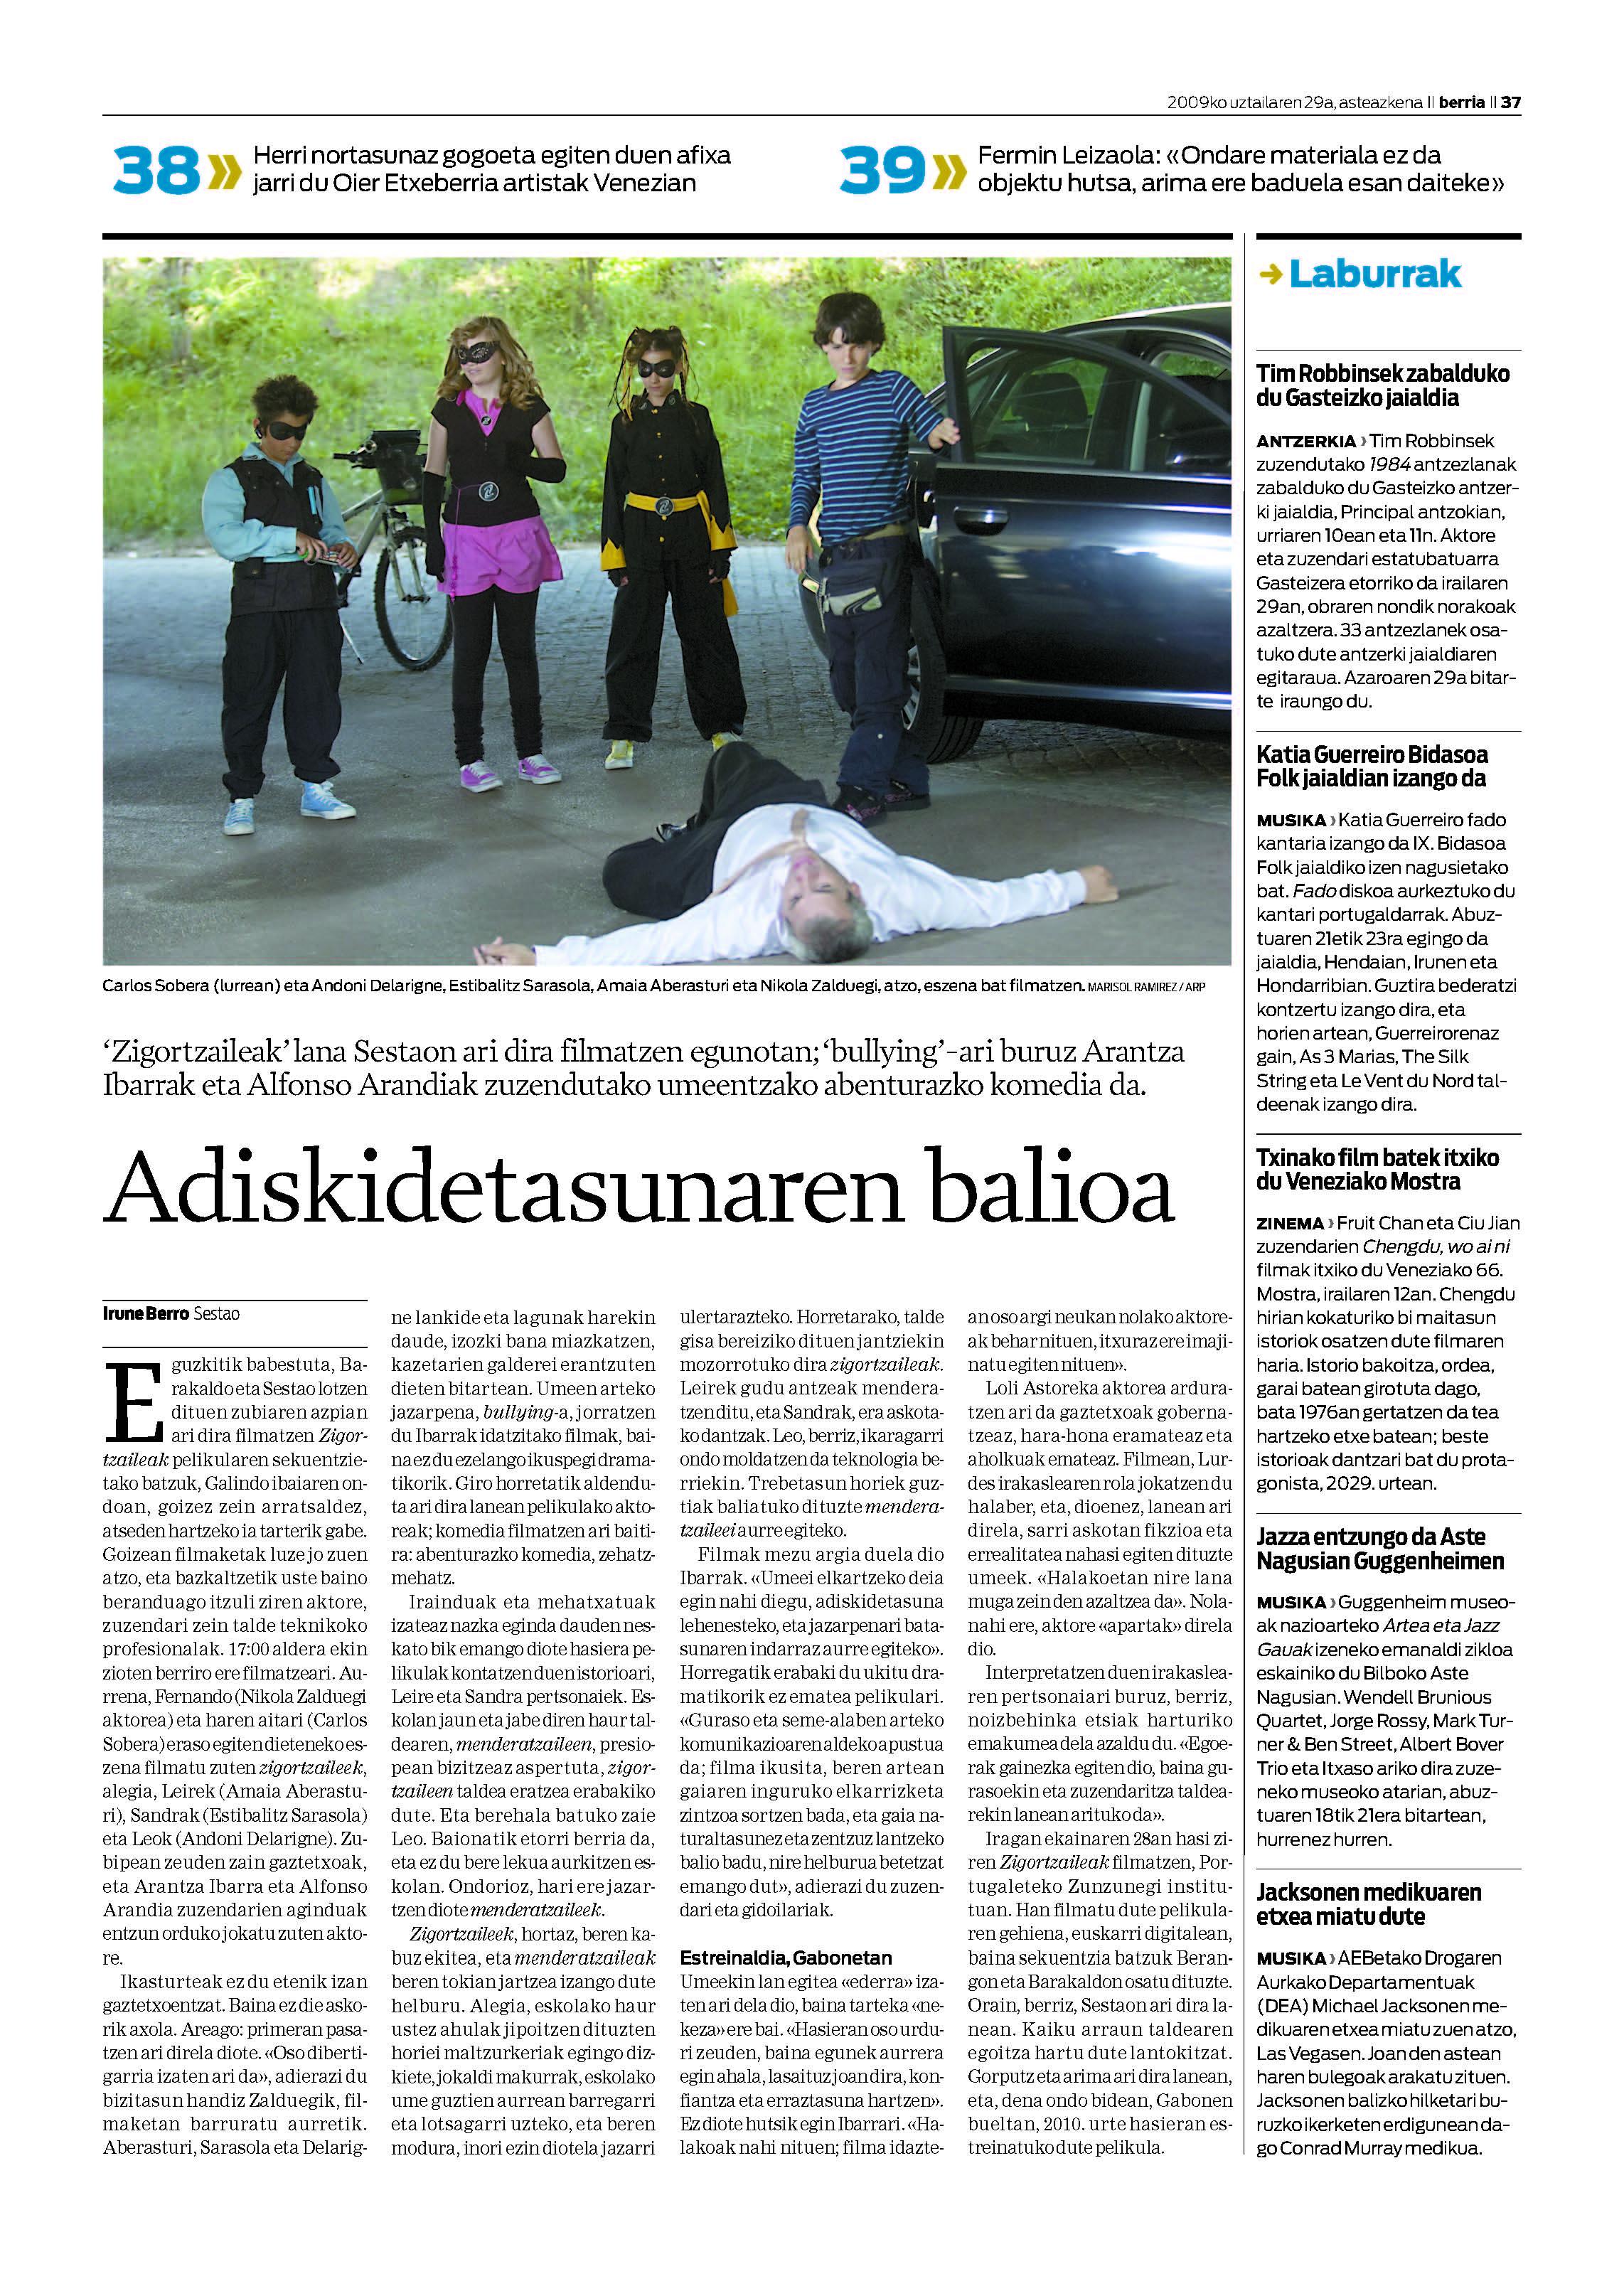 BERRIA.29.07.09.pdf